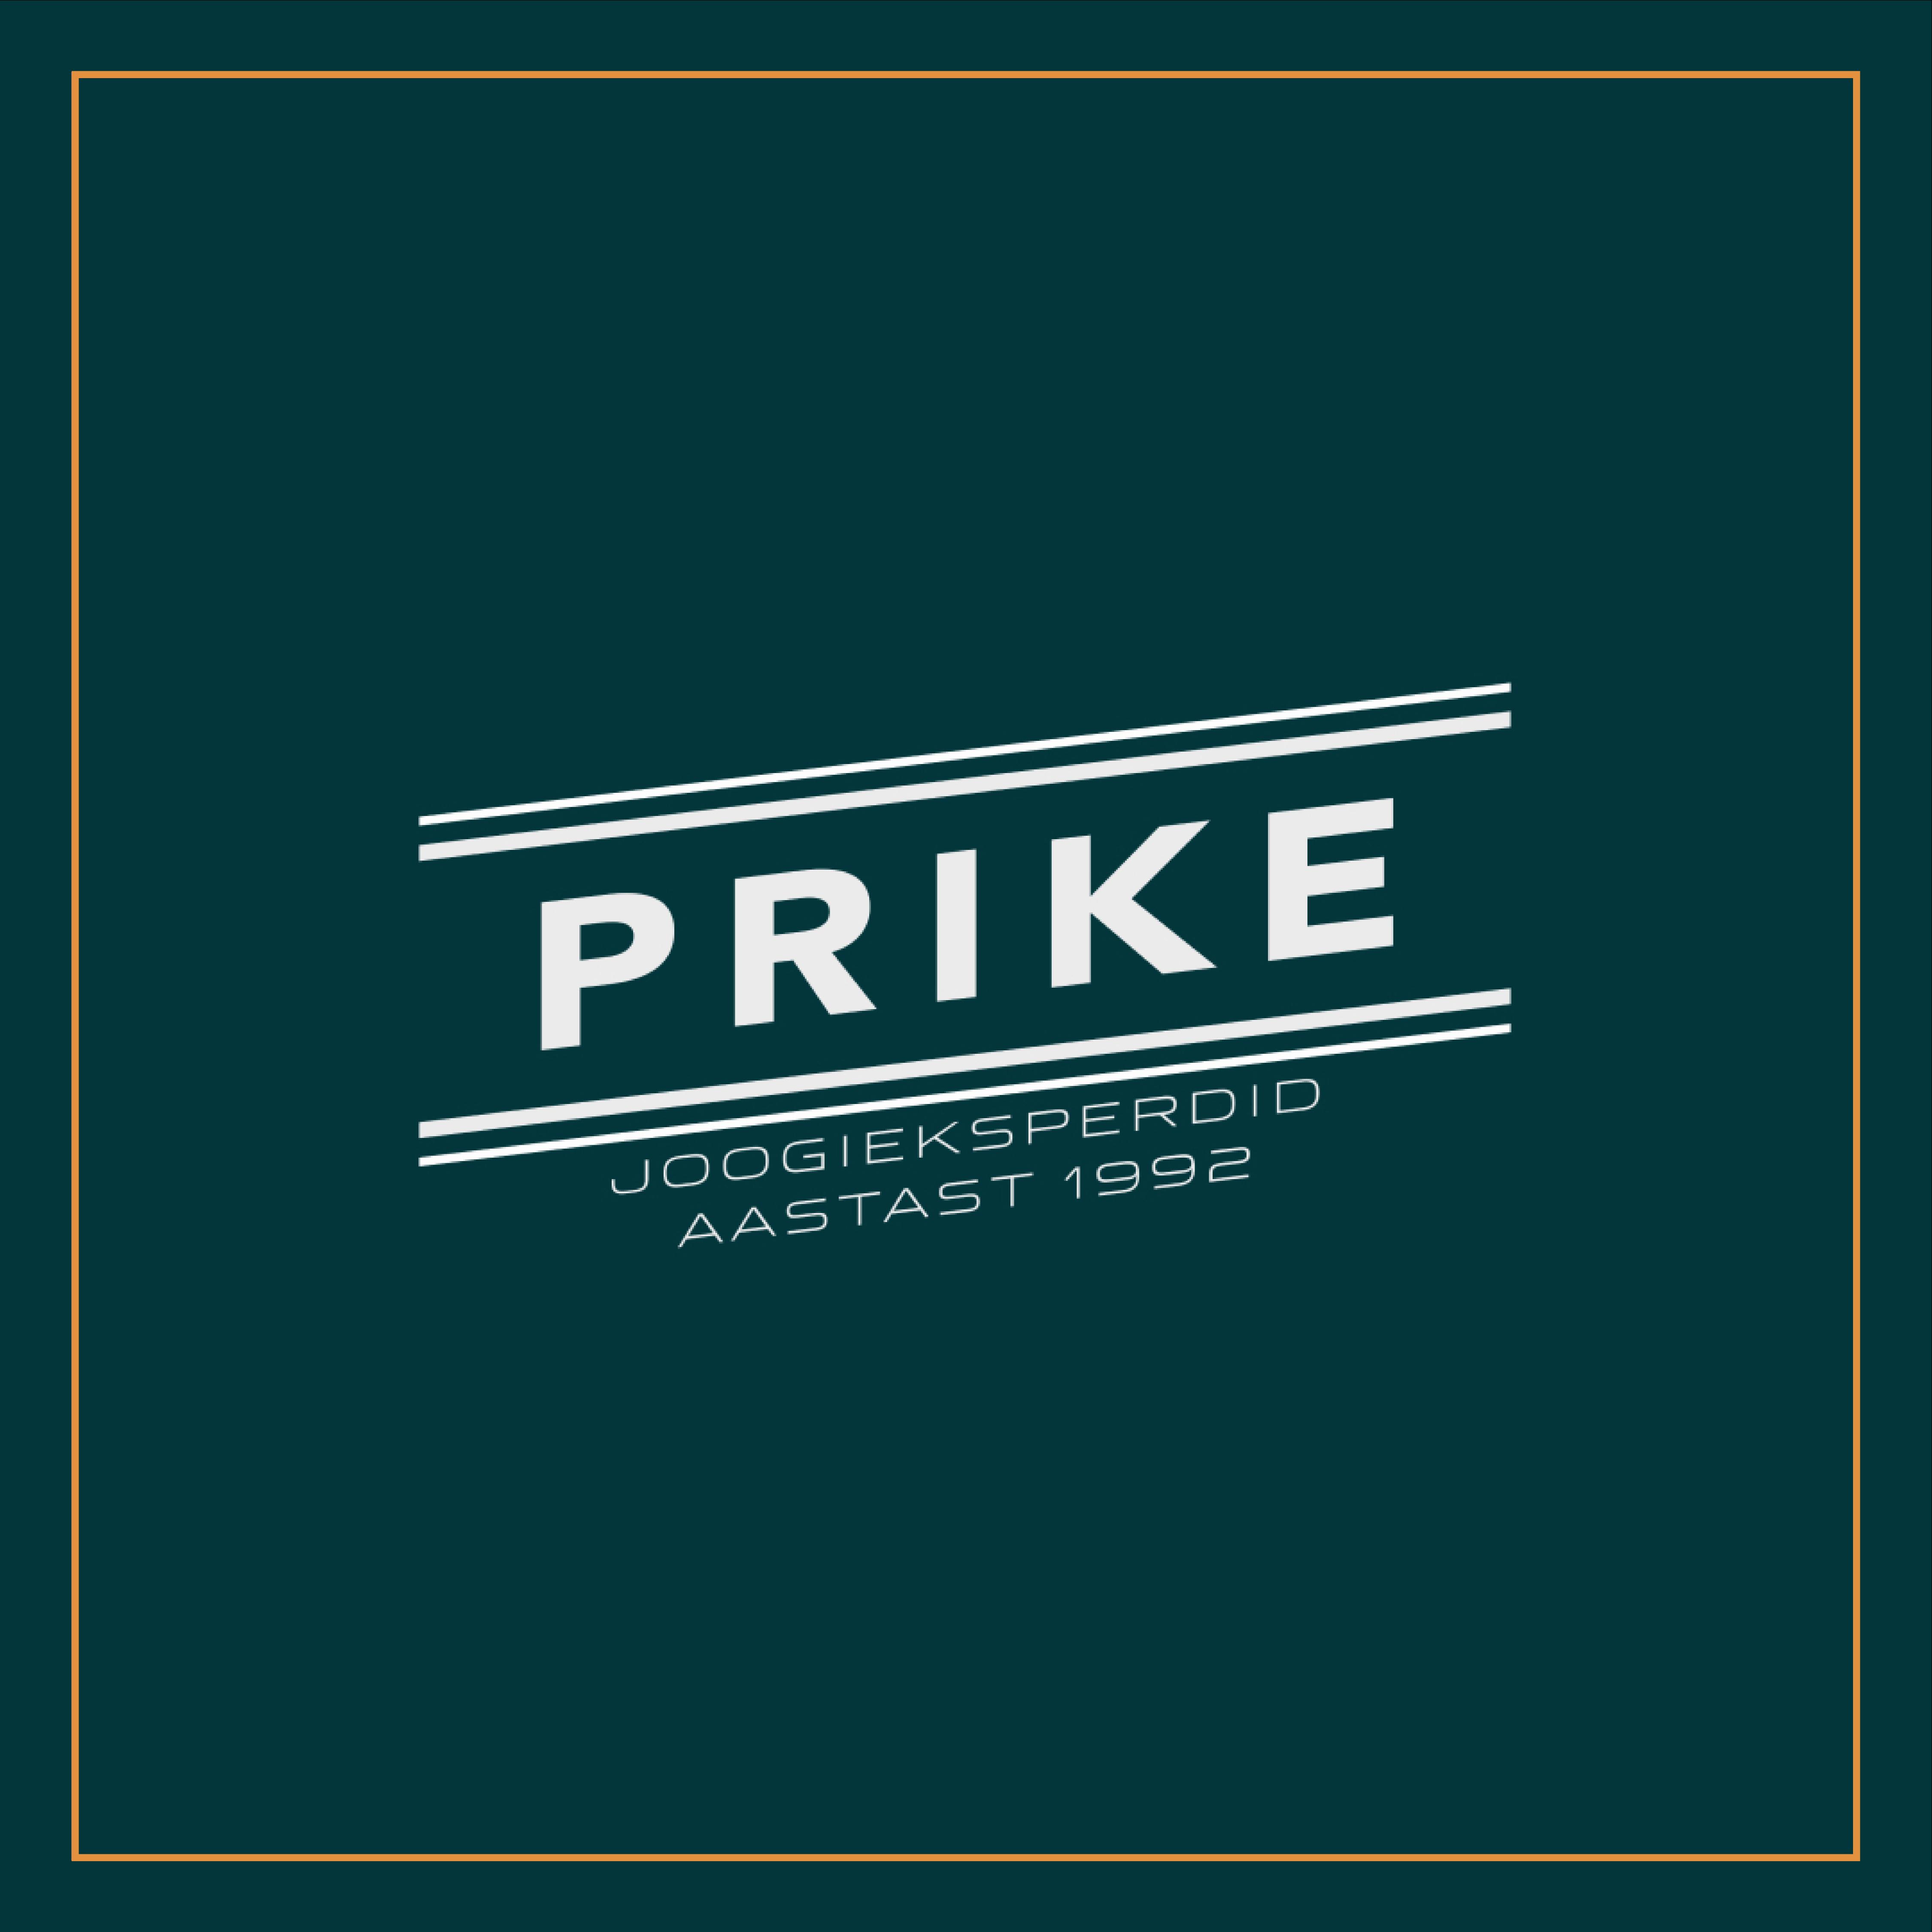 Trt_sponsorid_Prike